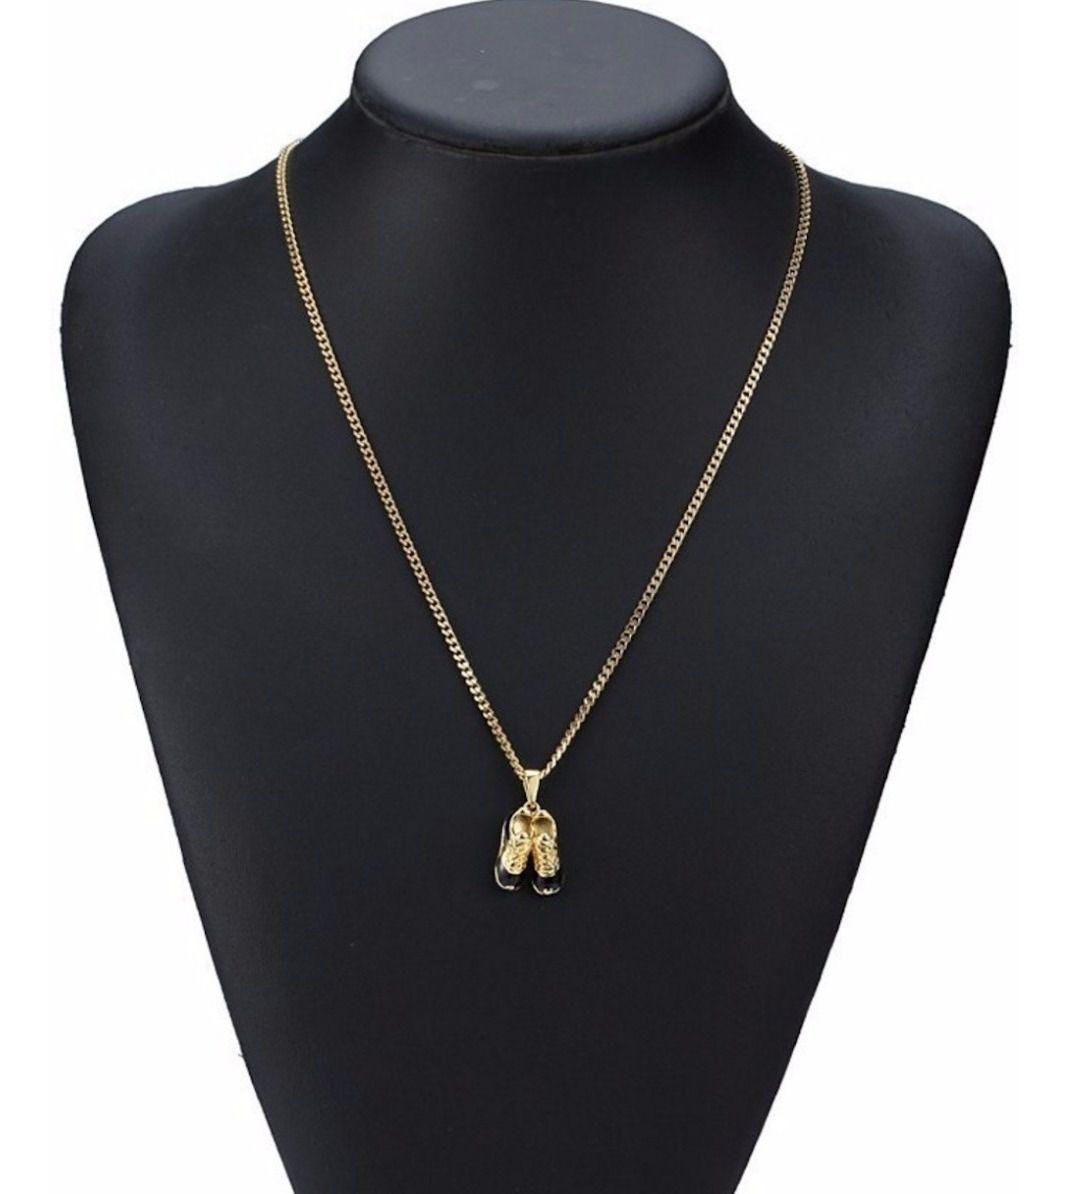 Colar Chuteiras De Ouro Dourado Luxo Folheado 18 C/ Garantia